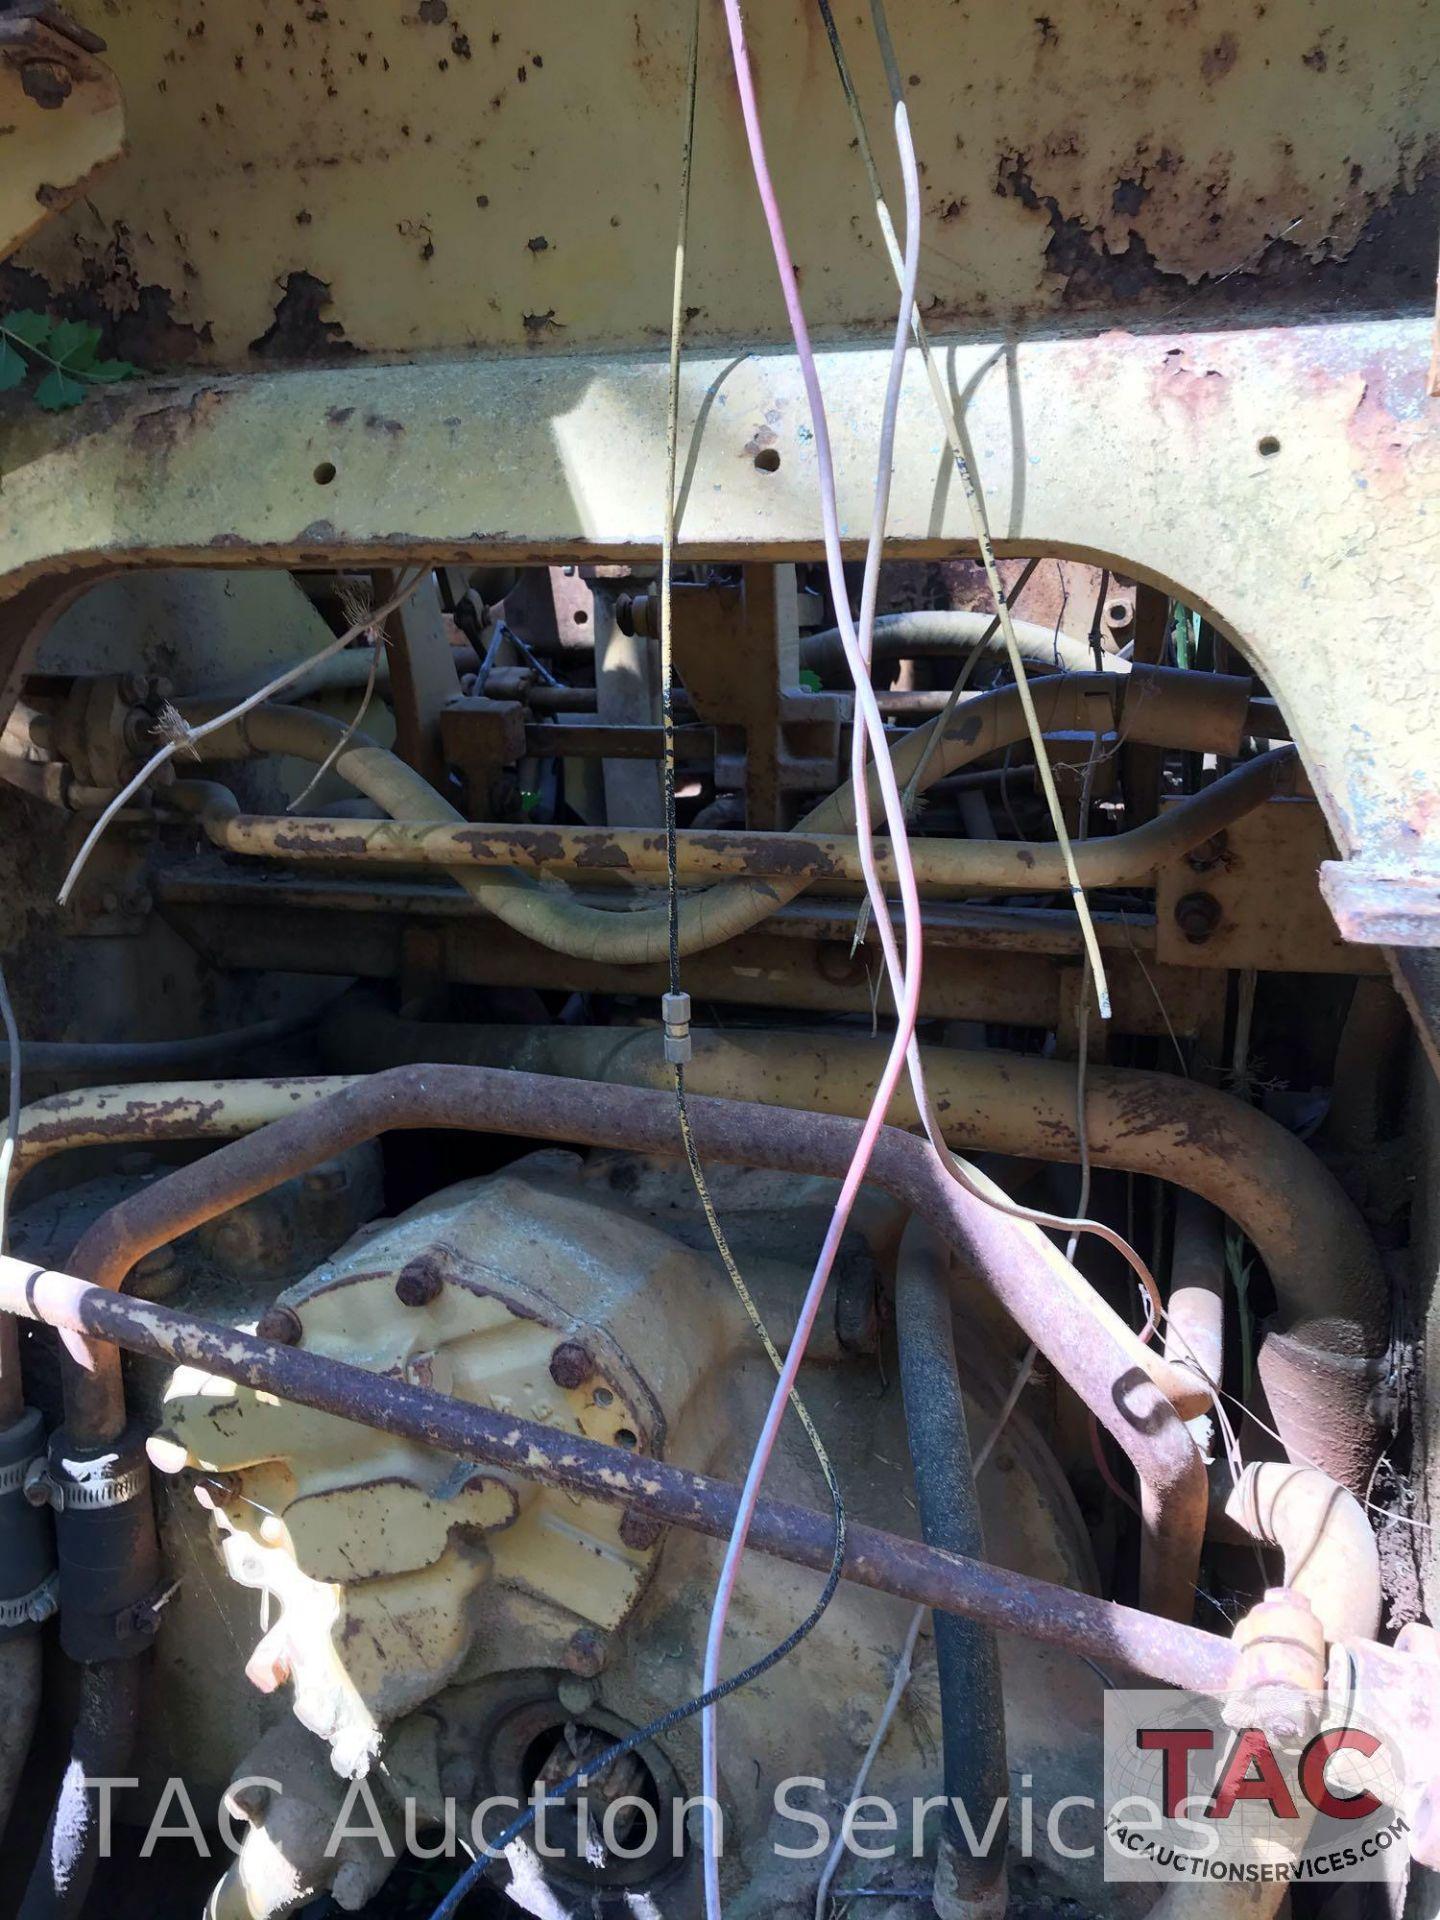 Cat 951c Track Loader - Image 32 of 40